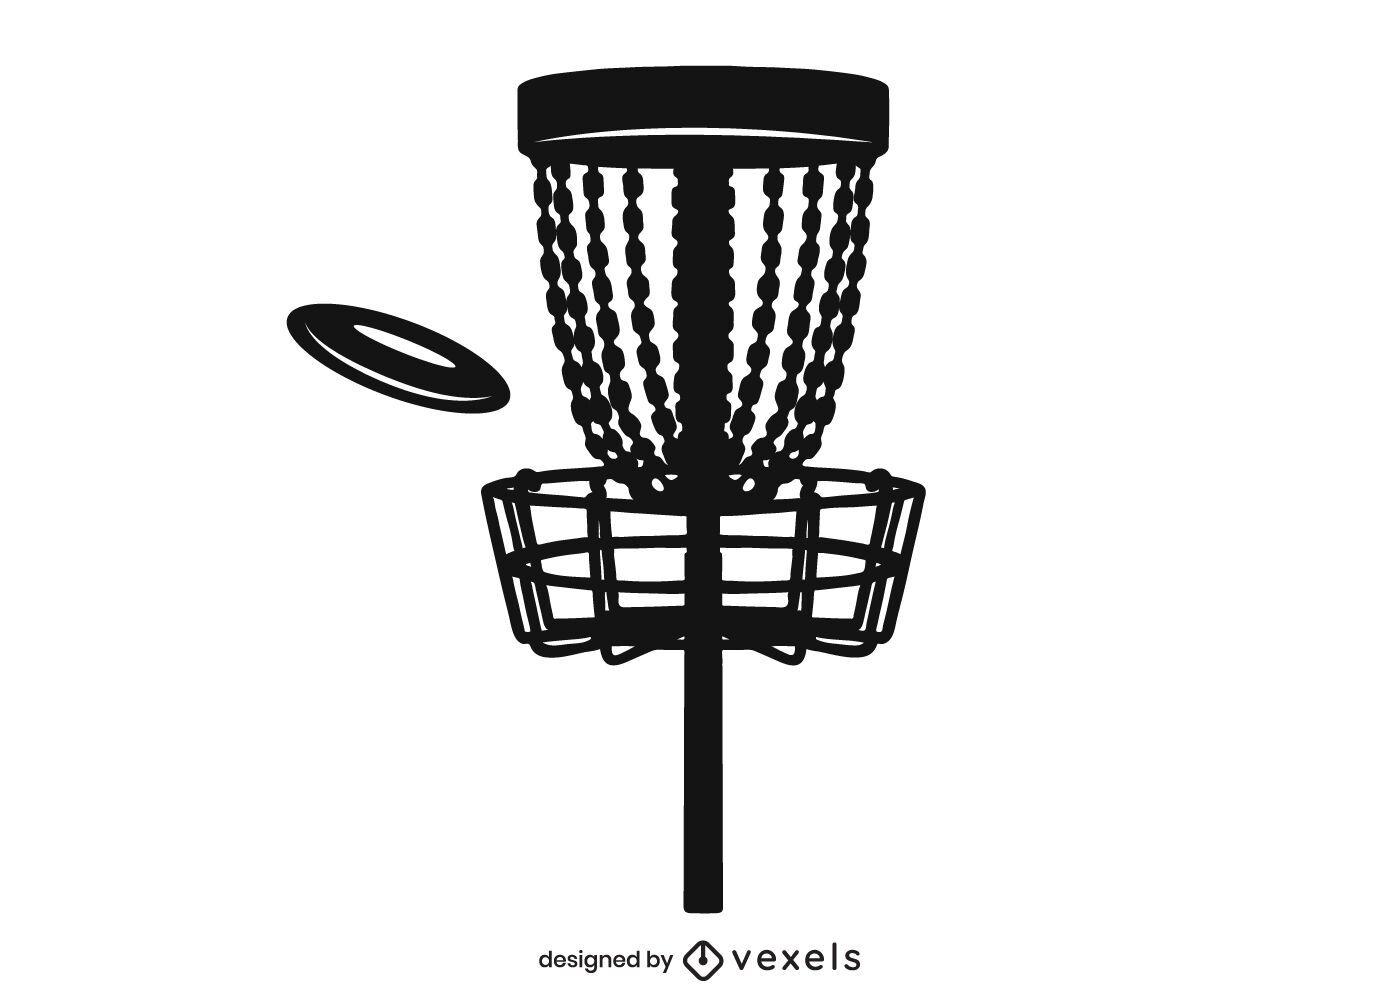 Diseño de silueta de canasta de golf de disco